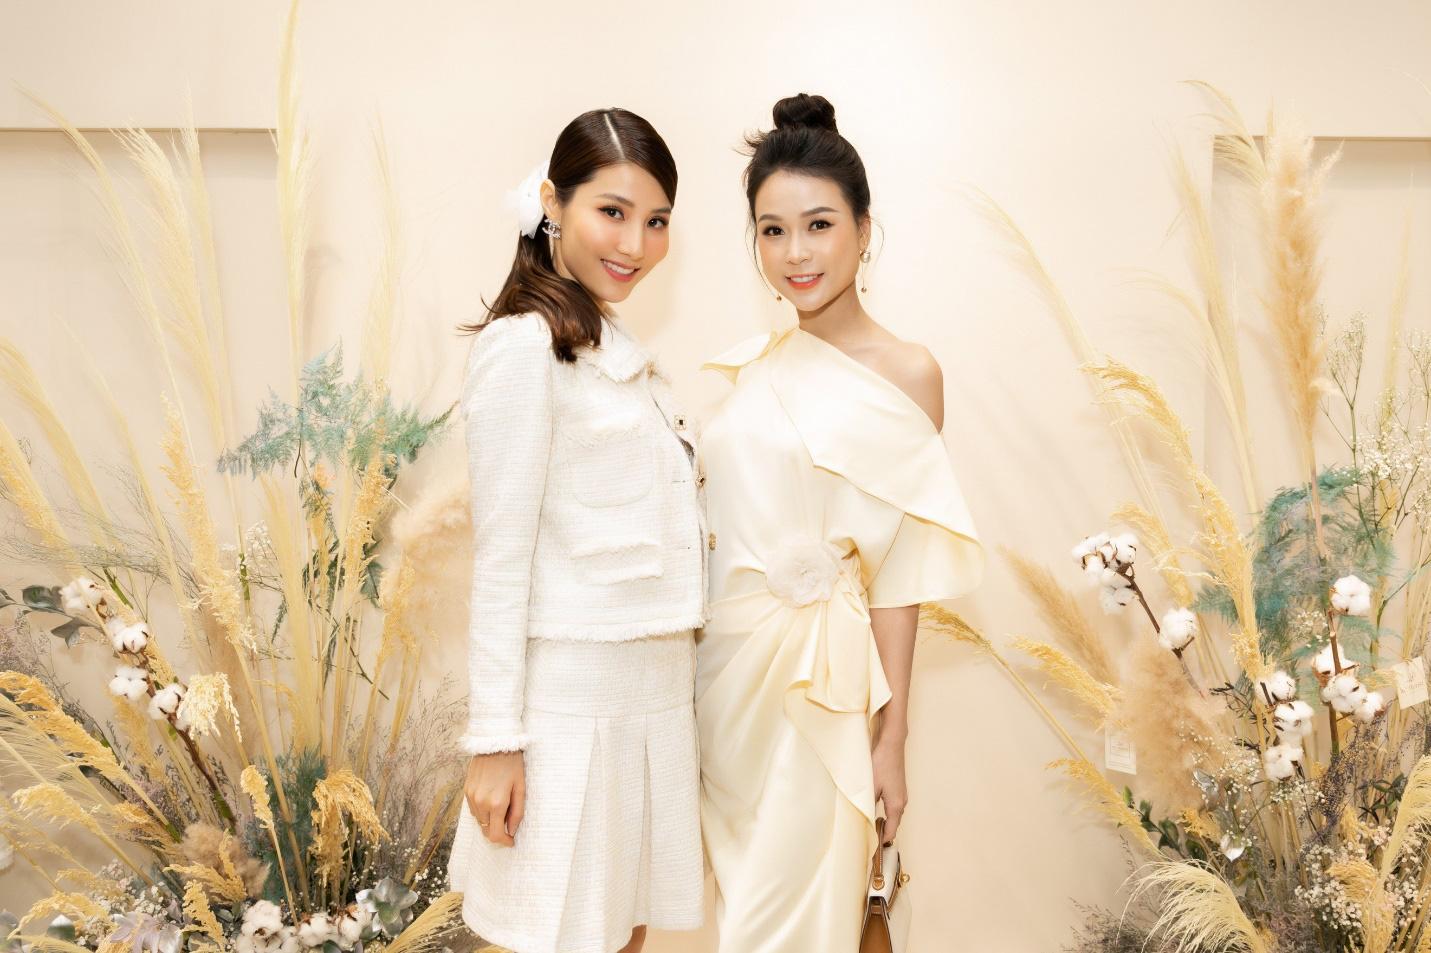 Angela Phương Trinh chính thức trở thành đại sứ thương hiệu thời trang Cindy C. - Ảnh 9.